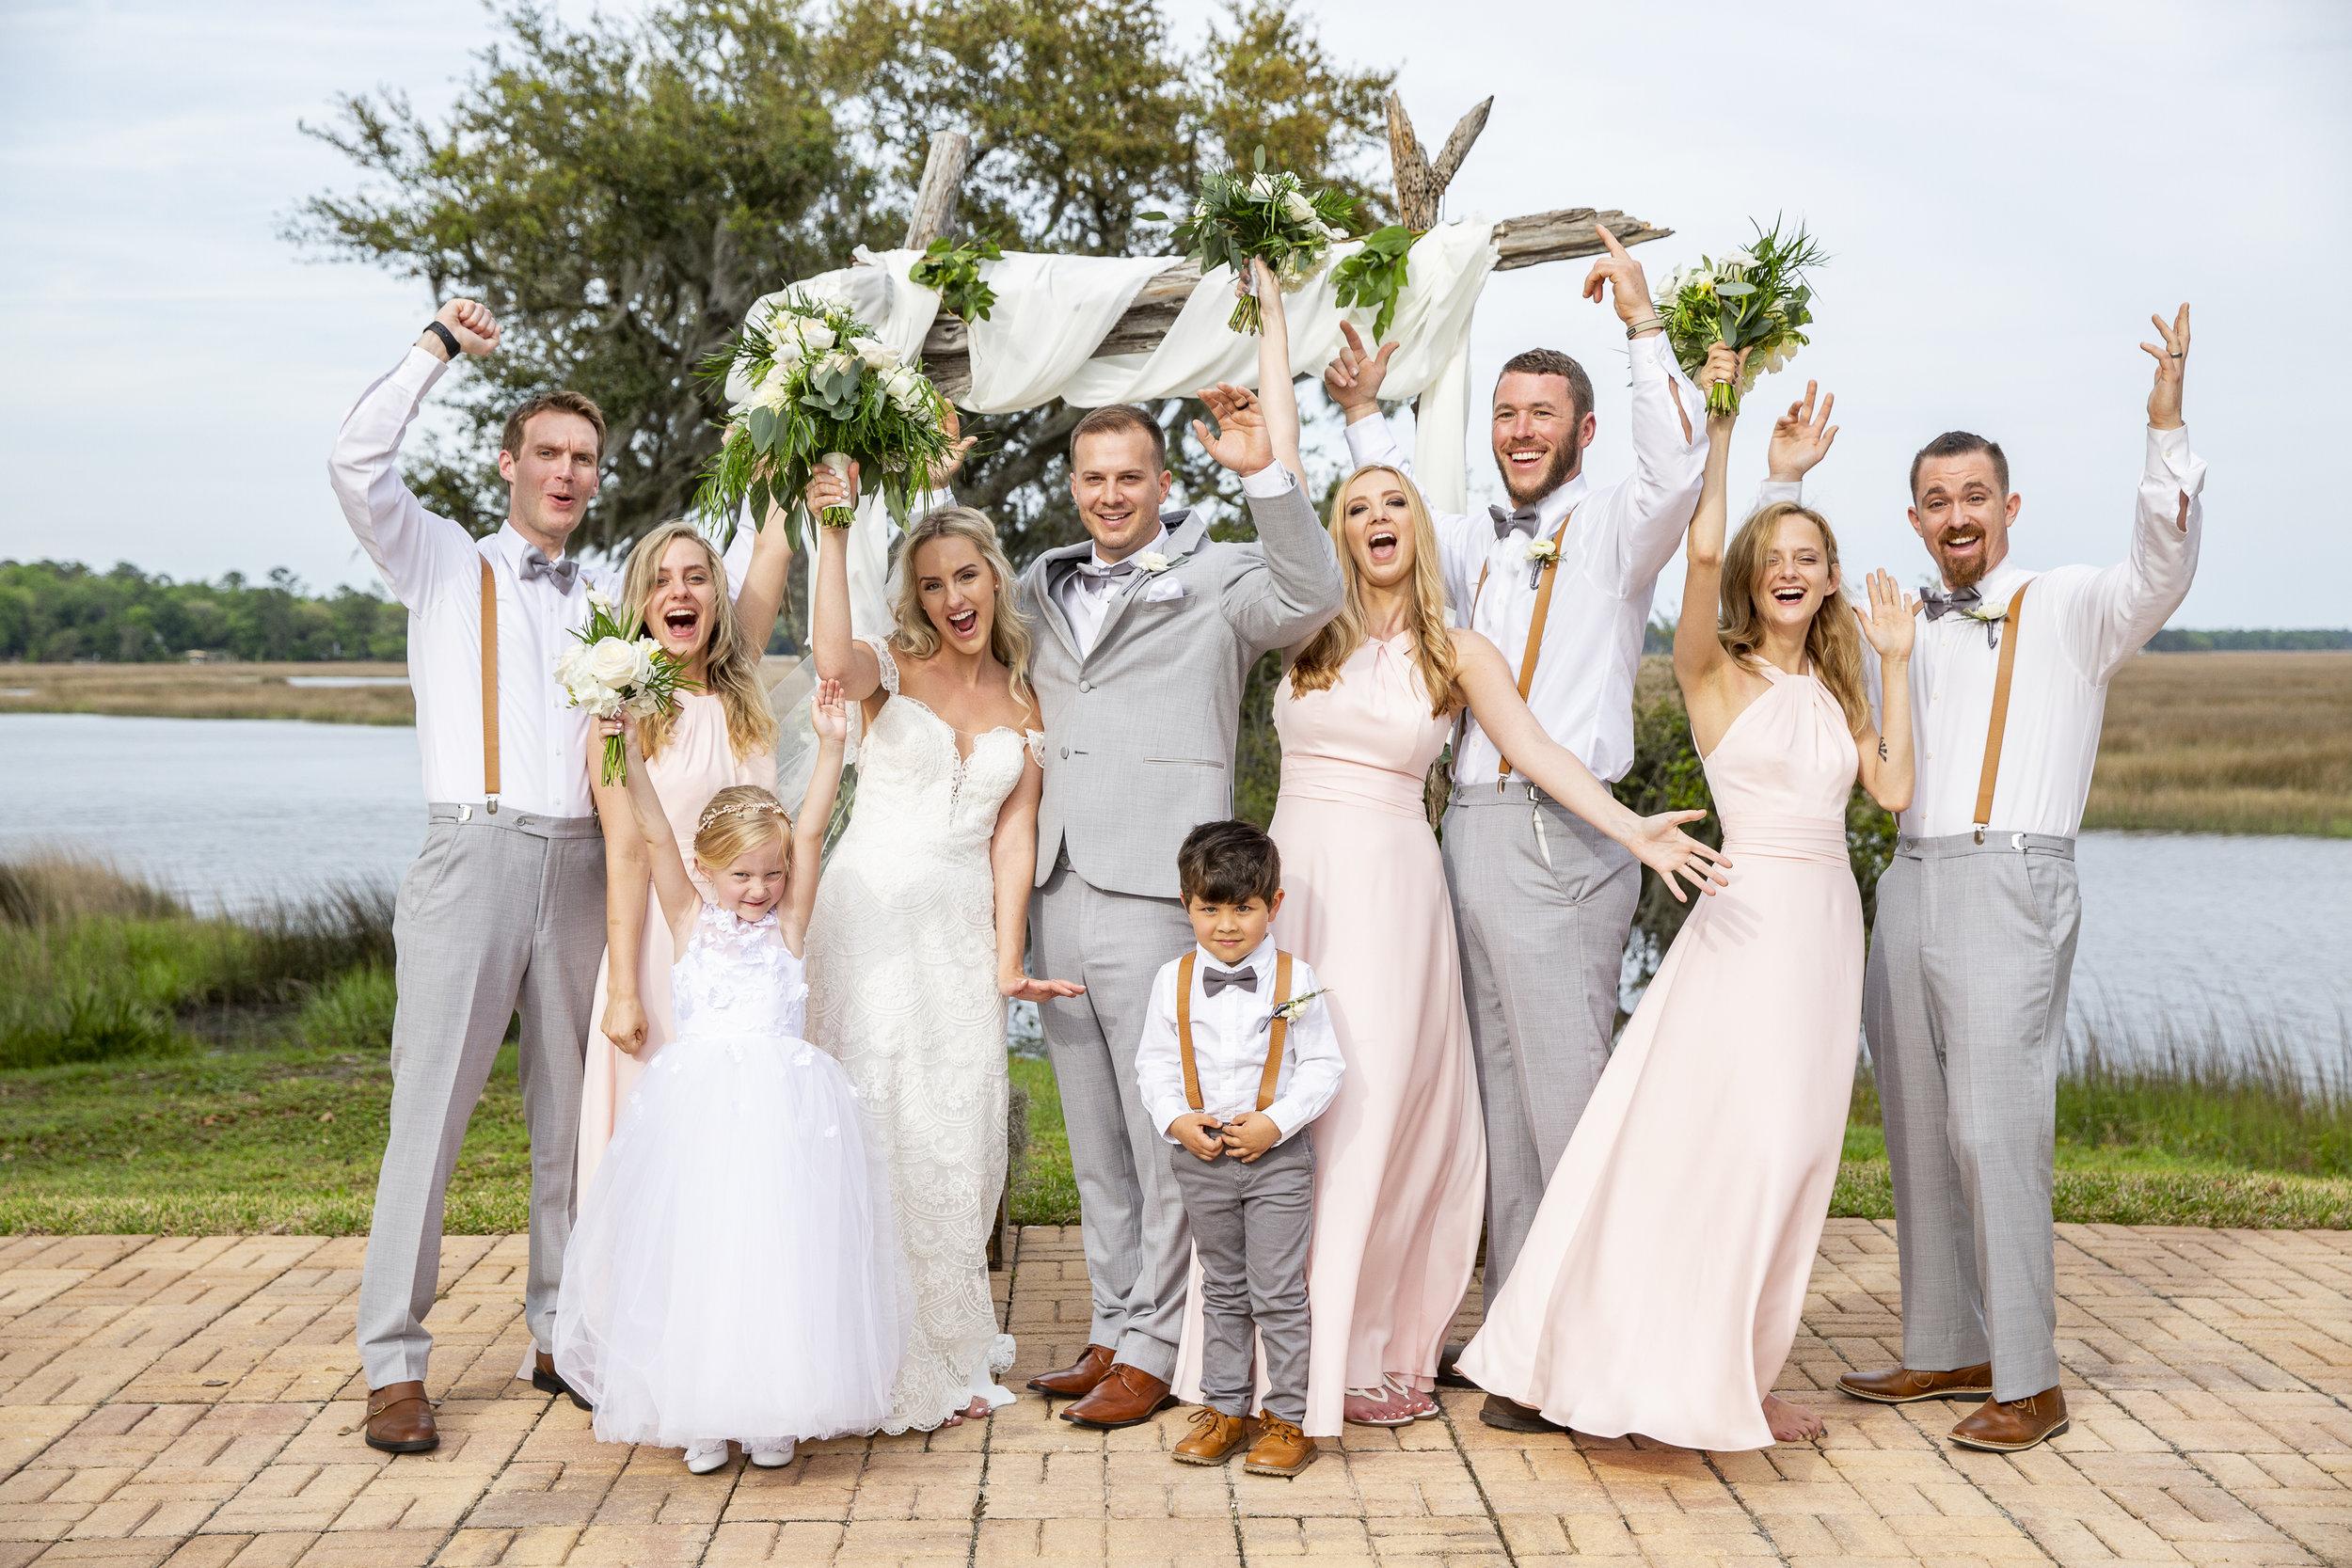 Kaley-Alex-Wedding-2019-Dez-Merrow-Photography-Portraits (143 of 351).jpg